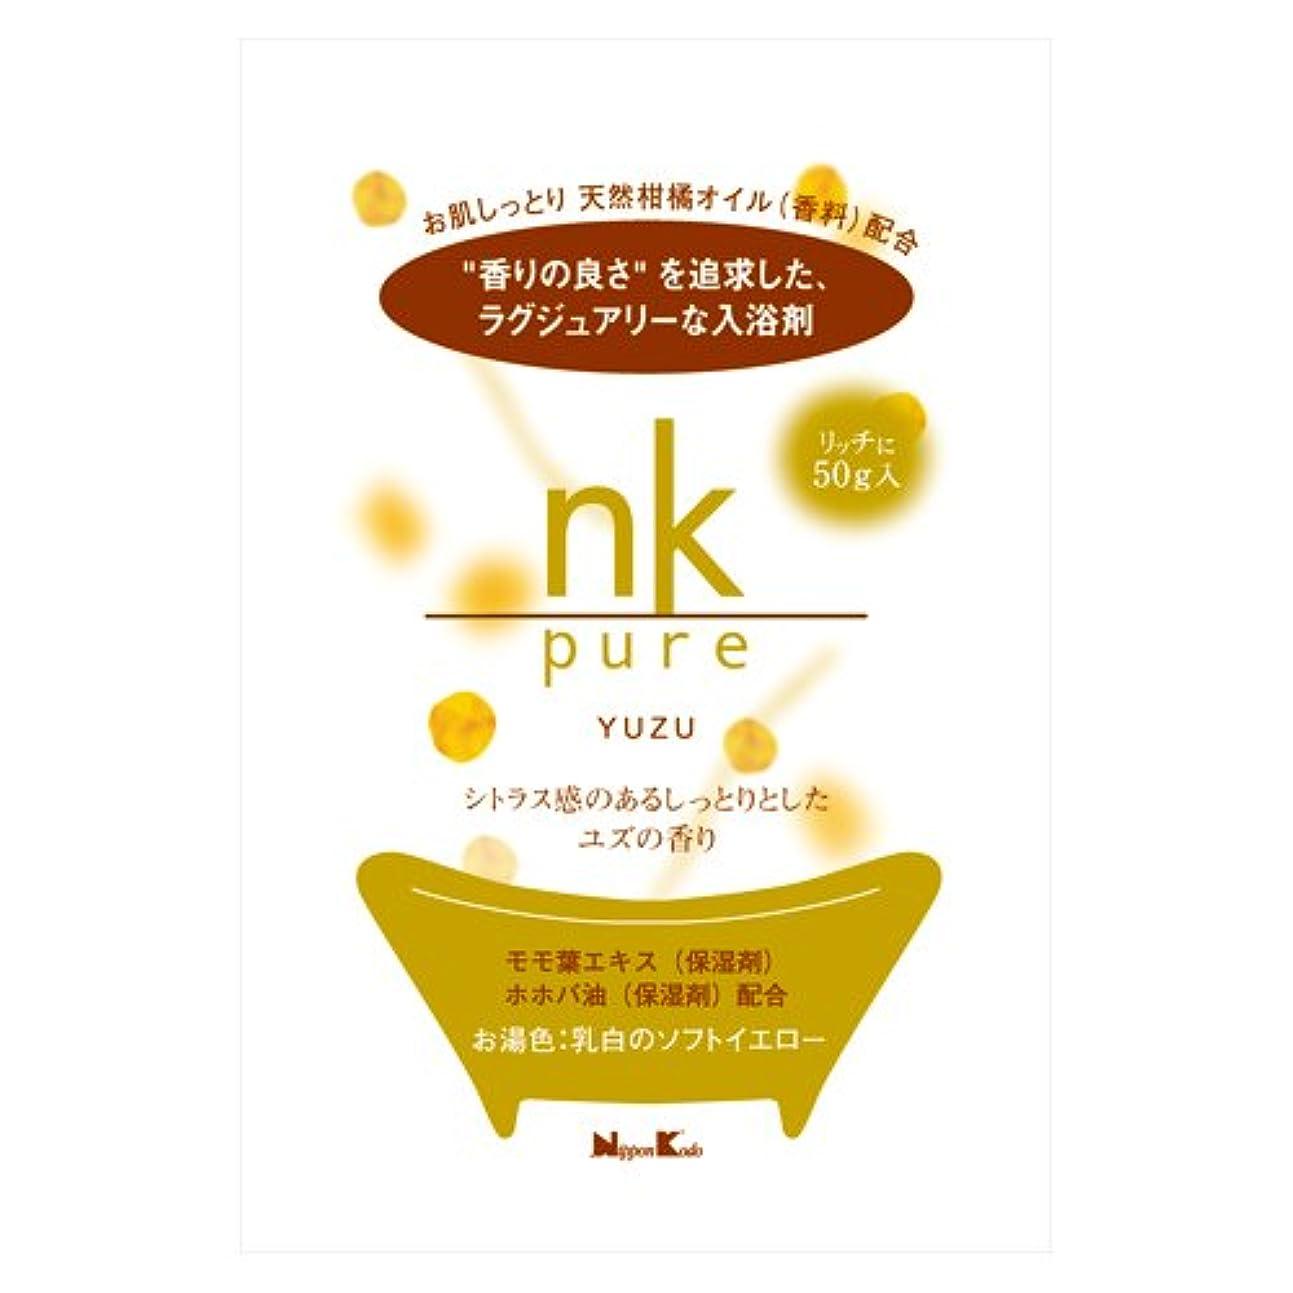 良性送る堀【X10個セット】 nk pure 入浴剤 ユズ 50g